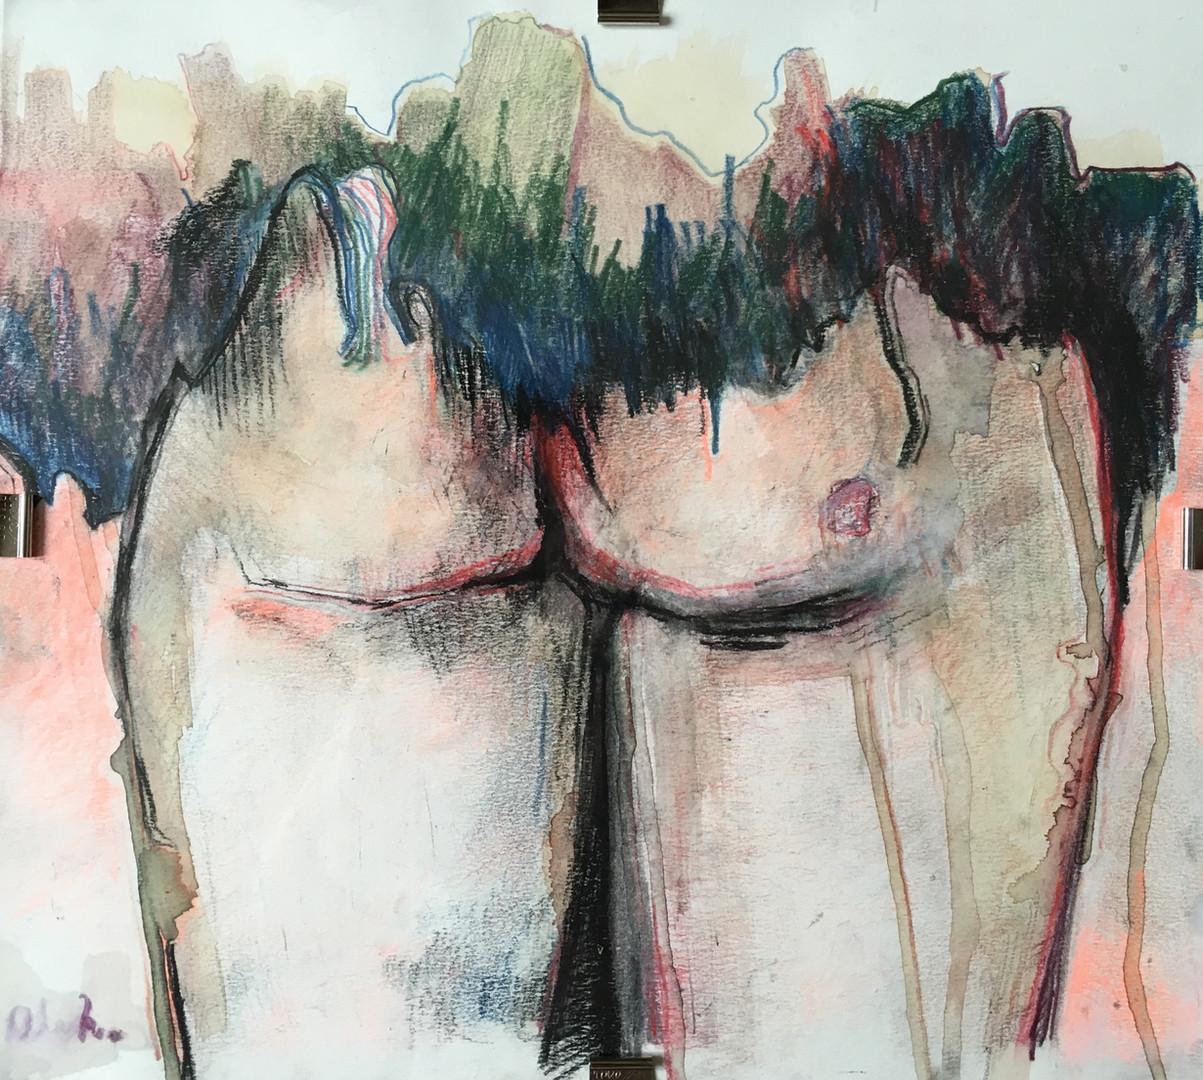 Touché(e)s 1 (2015)